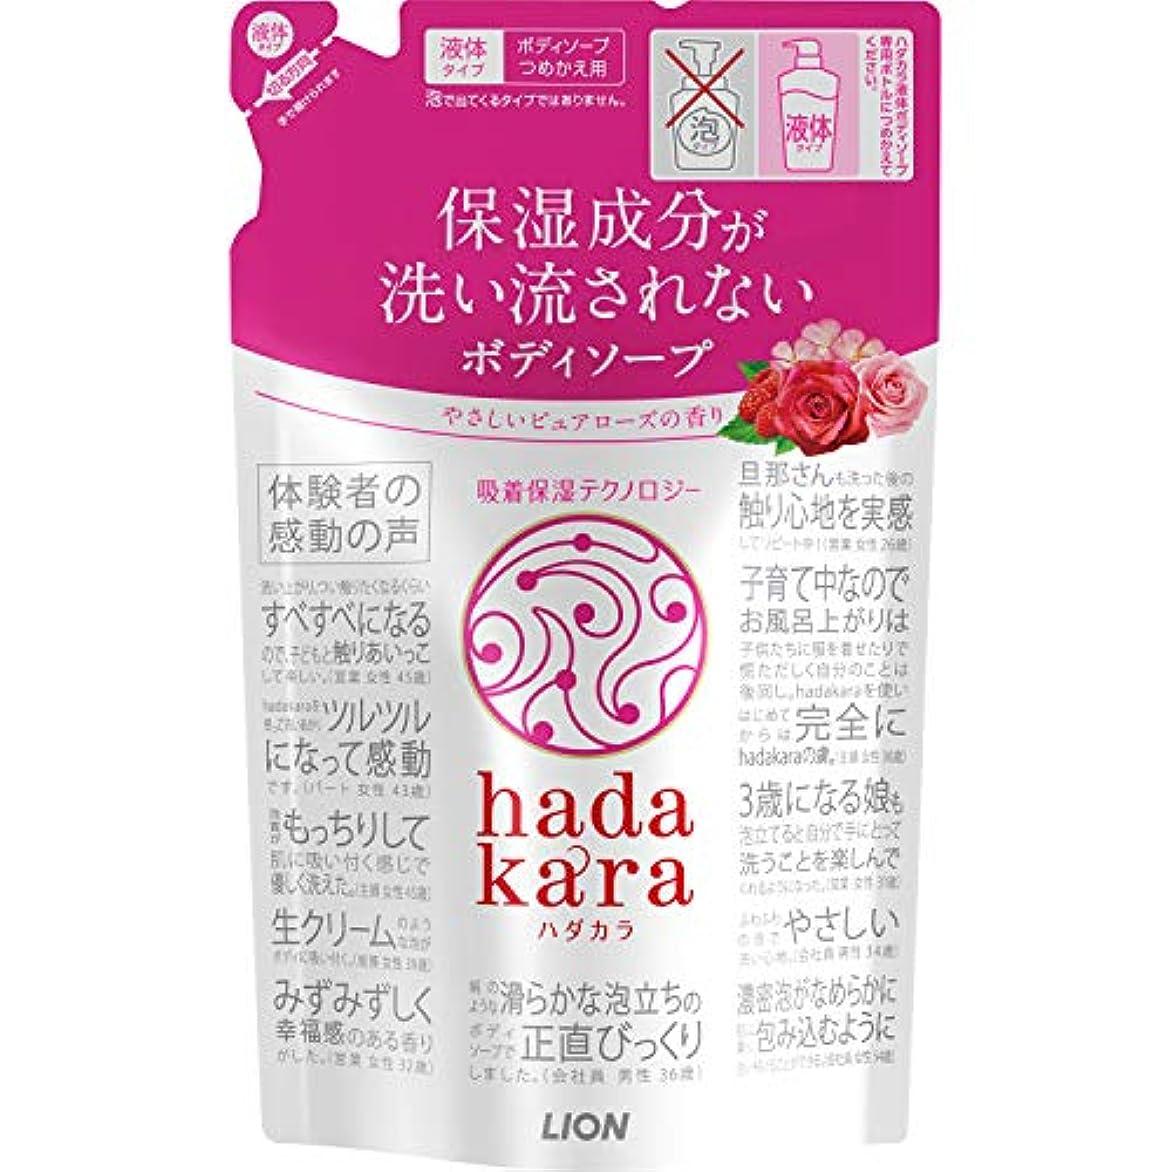 完全に乾く節約鉛筆hadakara ボディソープピュアローズ 詰替 360ml